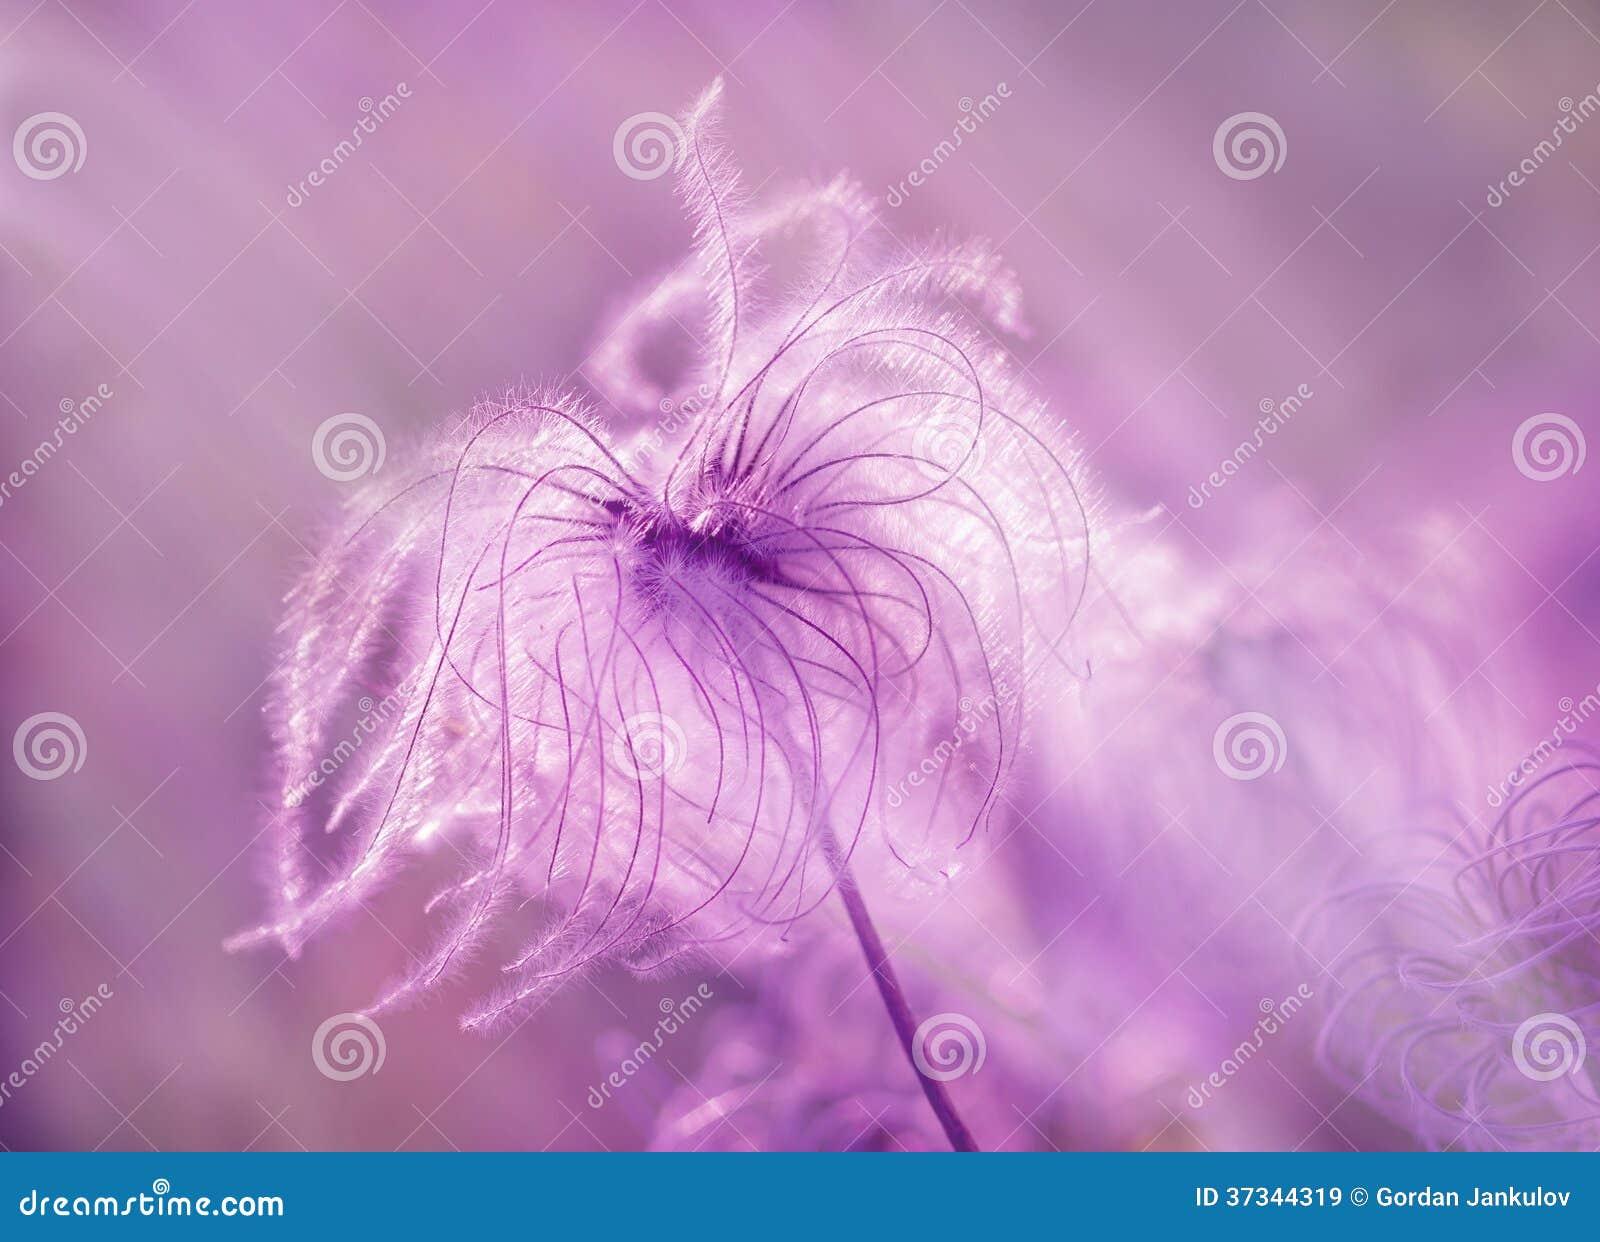 Flaumig - Weichheitsblume